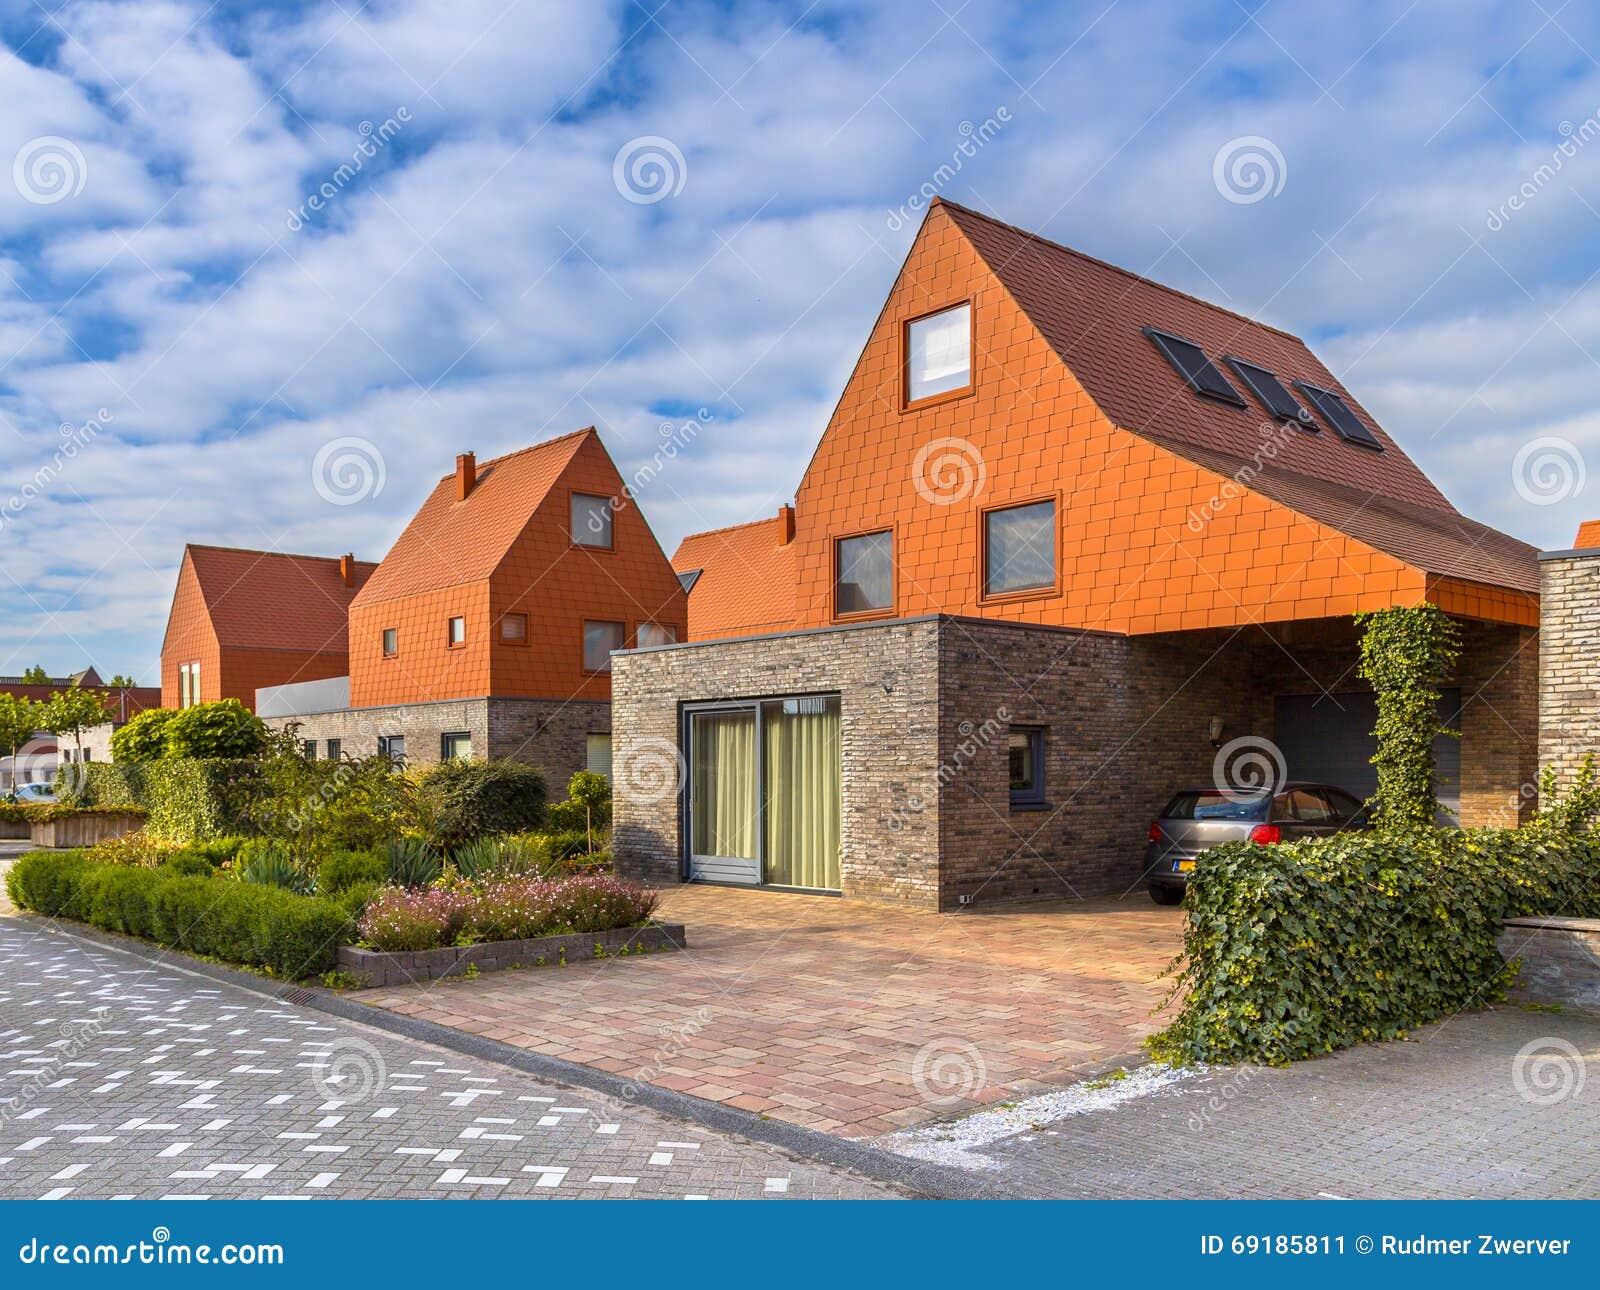 Case moderne di architettura con le mattonelle di tetto for Case architettura